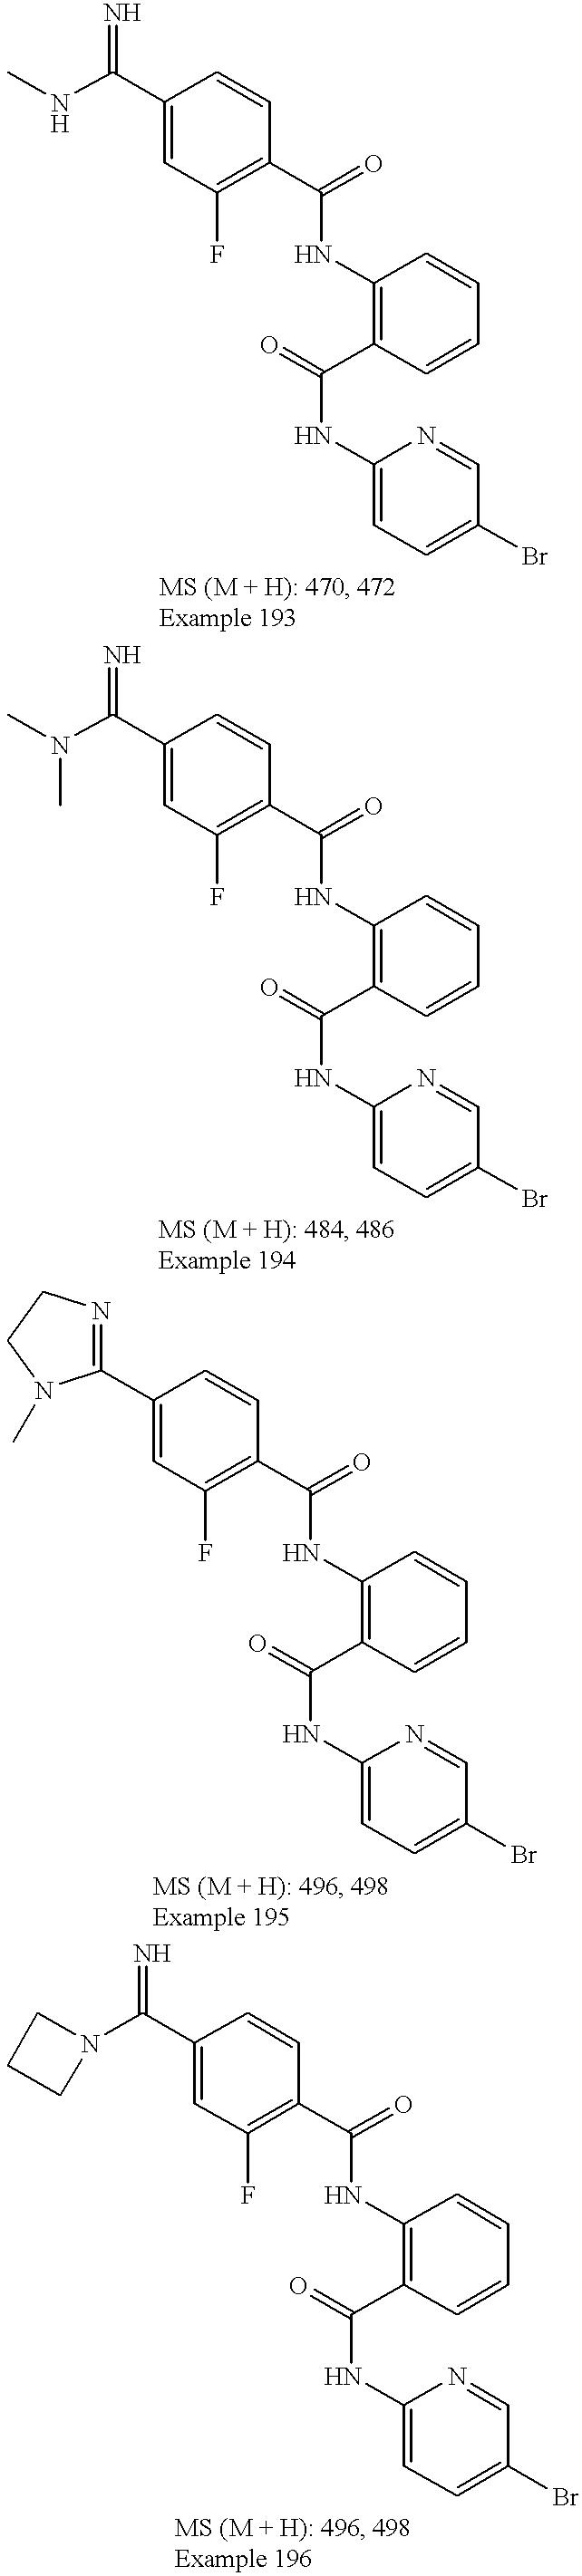 Figure US06376515-20020423-C00344